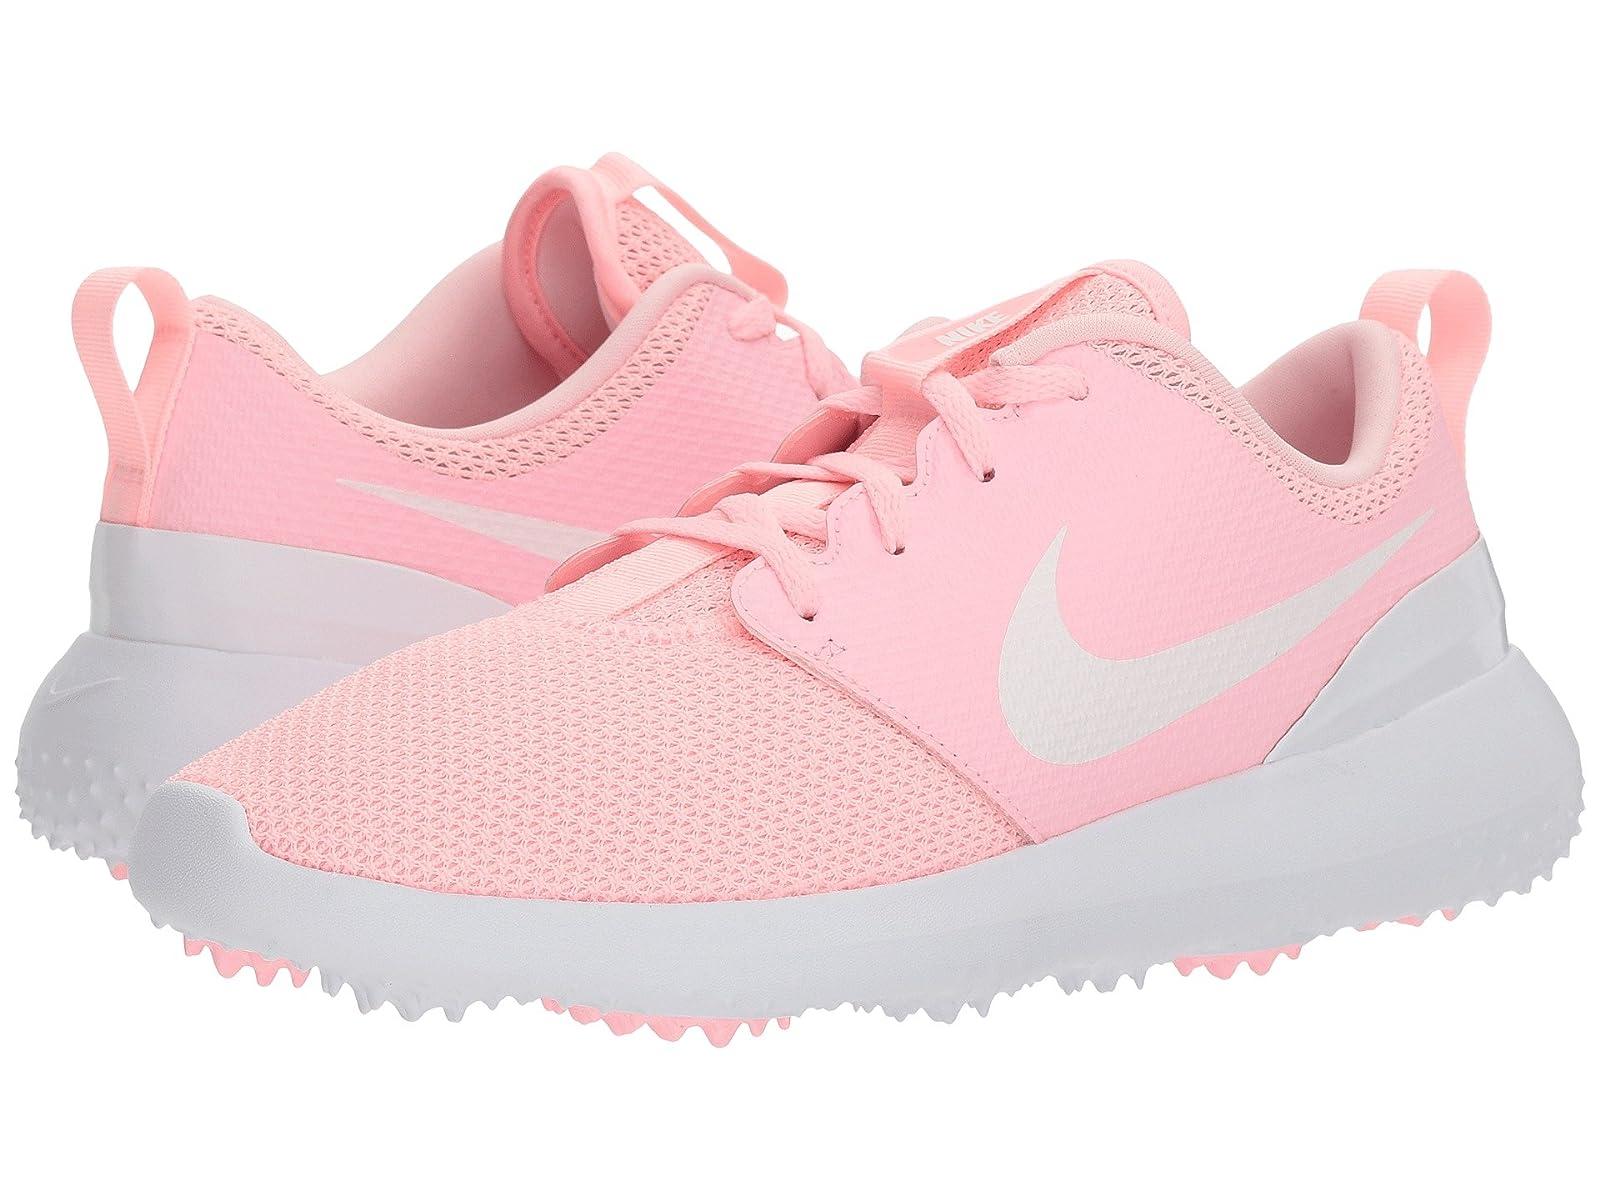 Nike Golf Roshe G (Little Kid/Big Kid)Atmospheric grades have affordable shoes